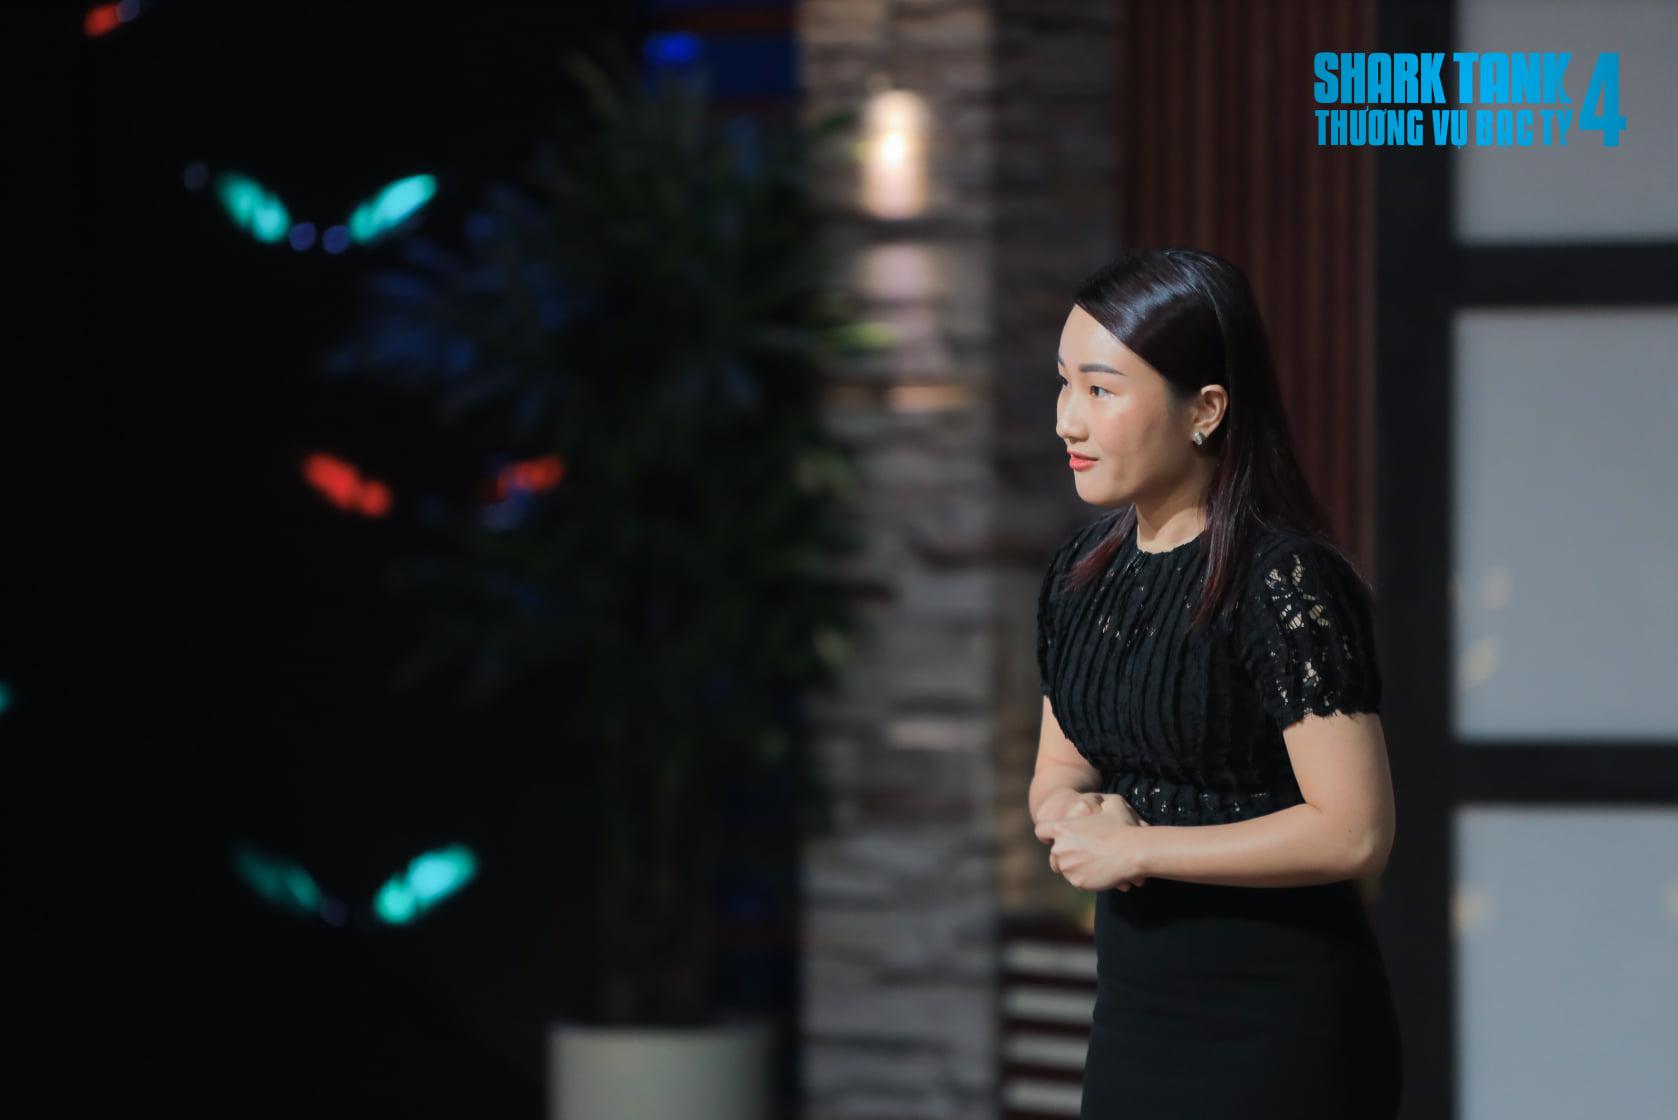 EIY - startup nhận được sự đầu tư của cả Shark Linh và Shark Hưng hoạt động hết công suất sau chương trình Shark Tank Việt Nam - Ảnh 1.